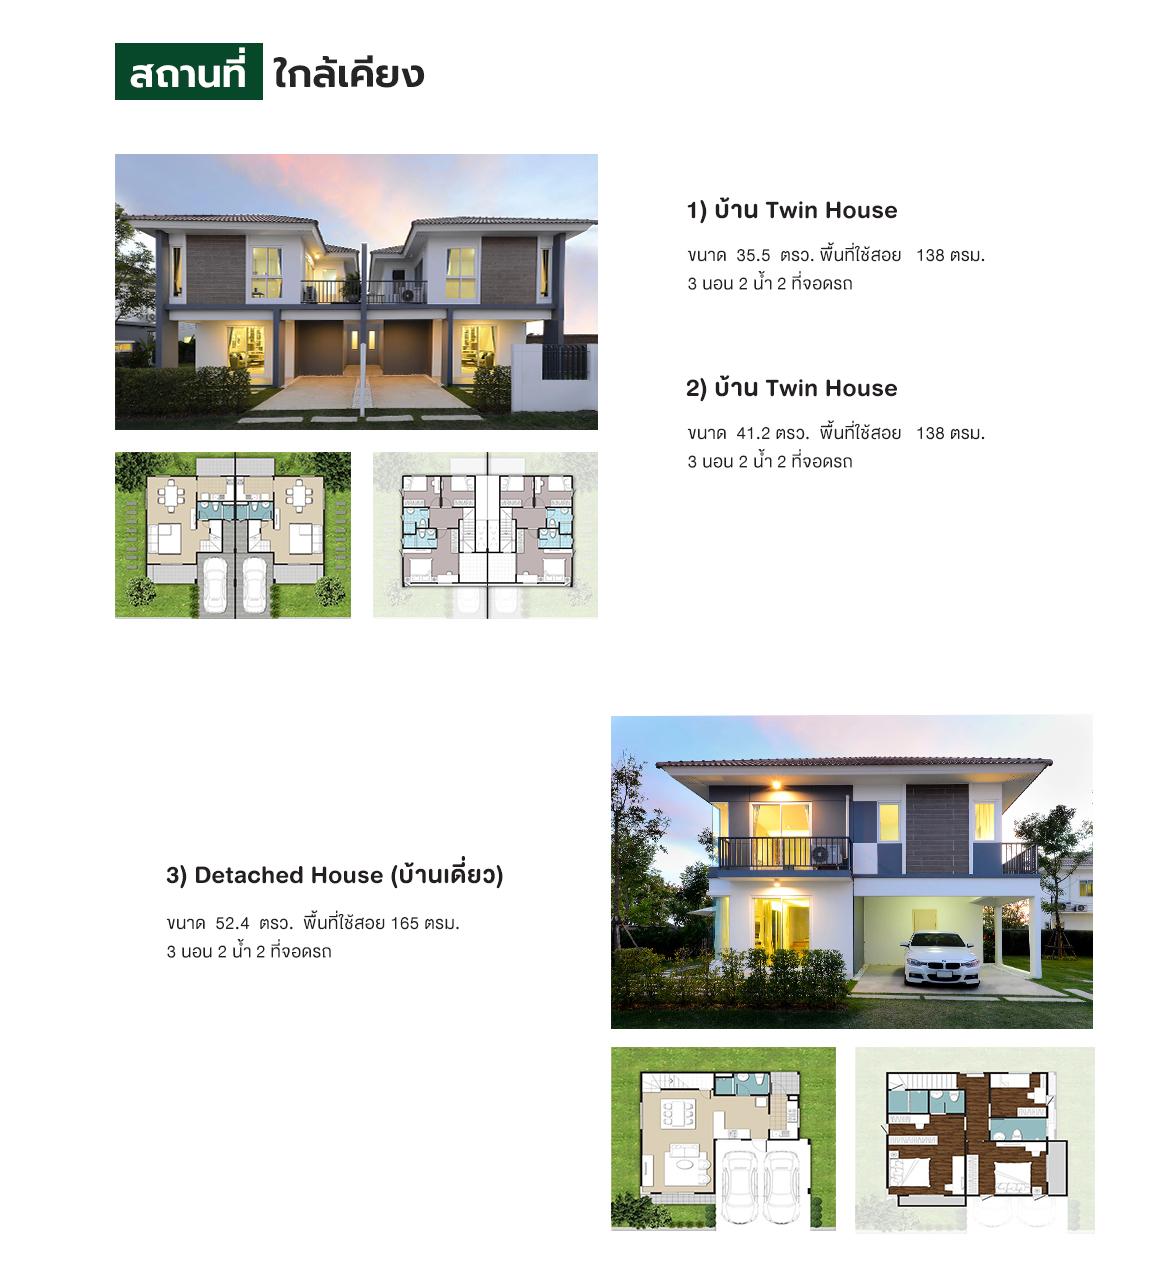 แบบบ้าน โครงการบ้านเดี่ยว บ้านแฝด 2 ชั้น IRIS PARK ชัยพฤกษ์ – วงแหวน